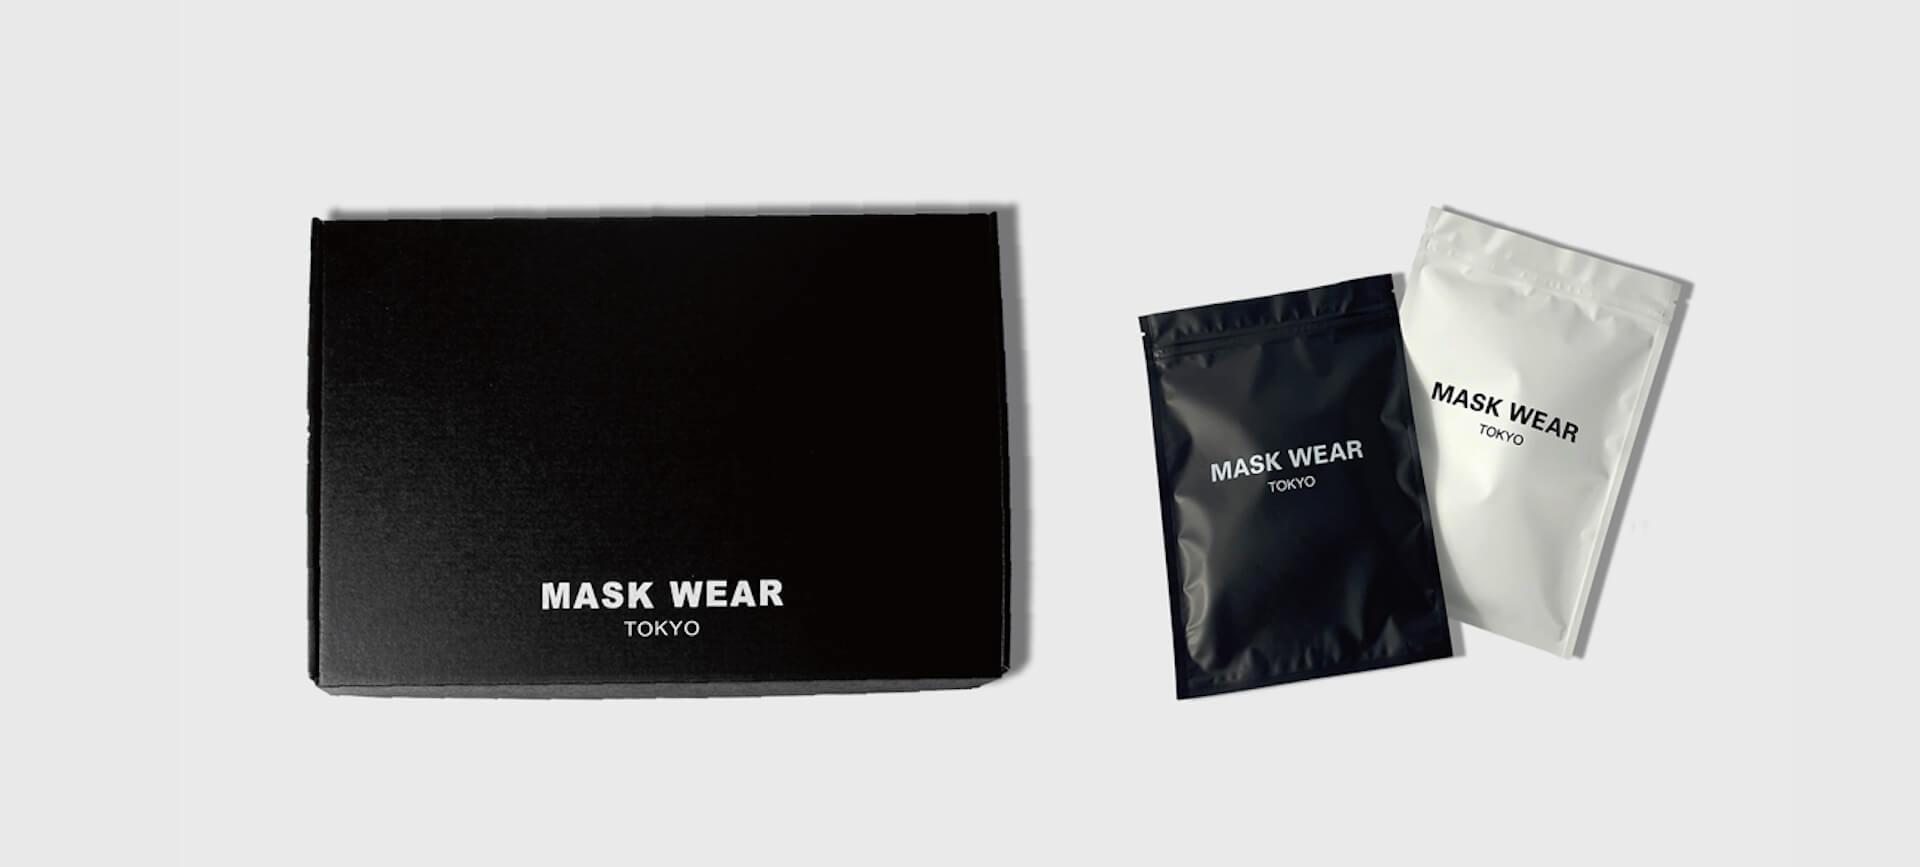 高機能マスクをファッションに!ファッションマスクに特化したECサイト「MASK WEAR TOKYO」がローンチ life200615_maskwear_5